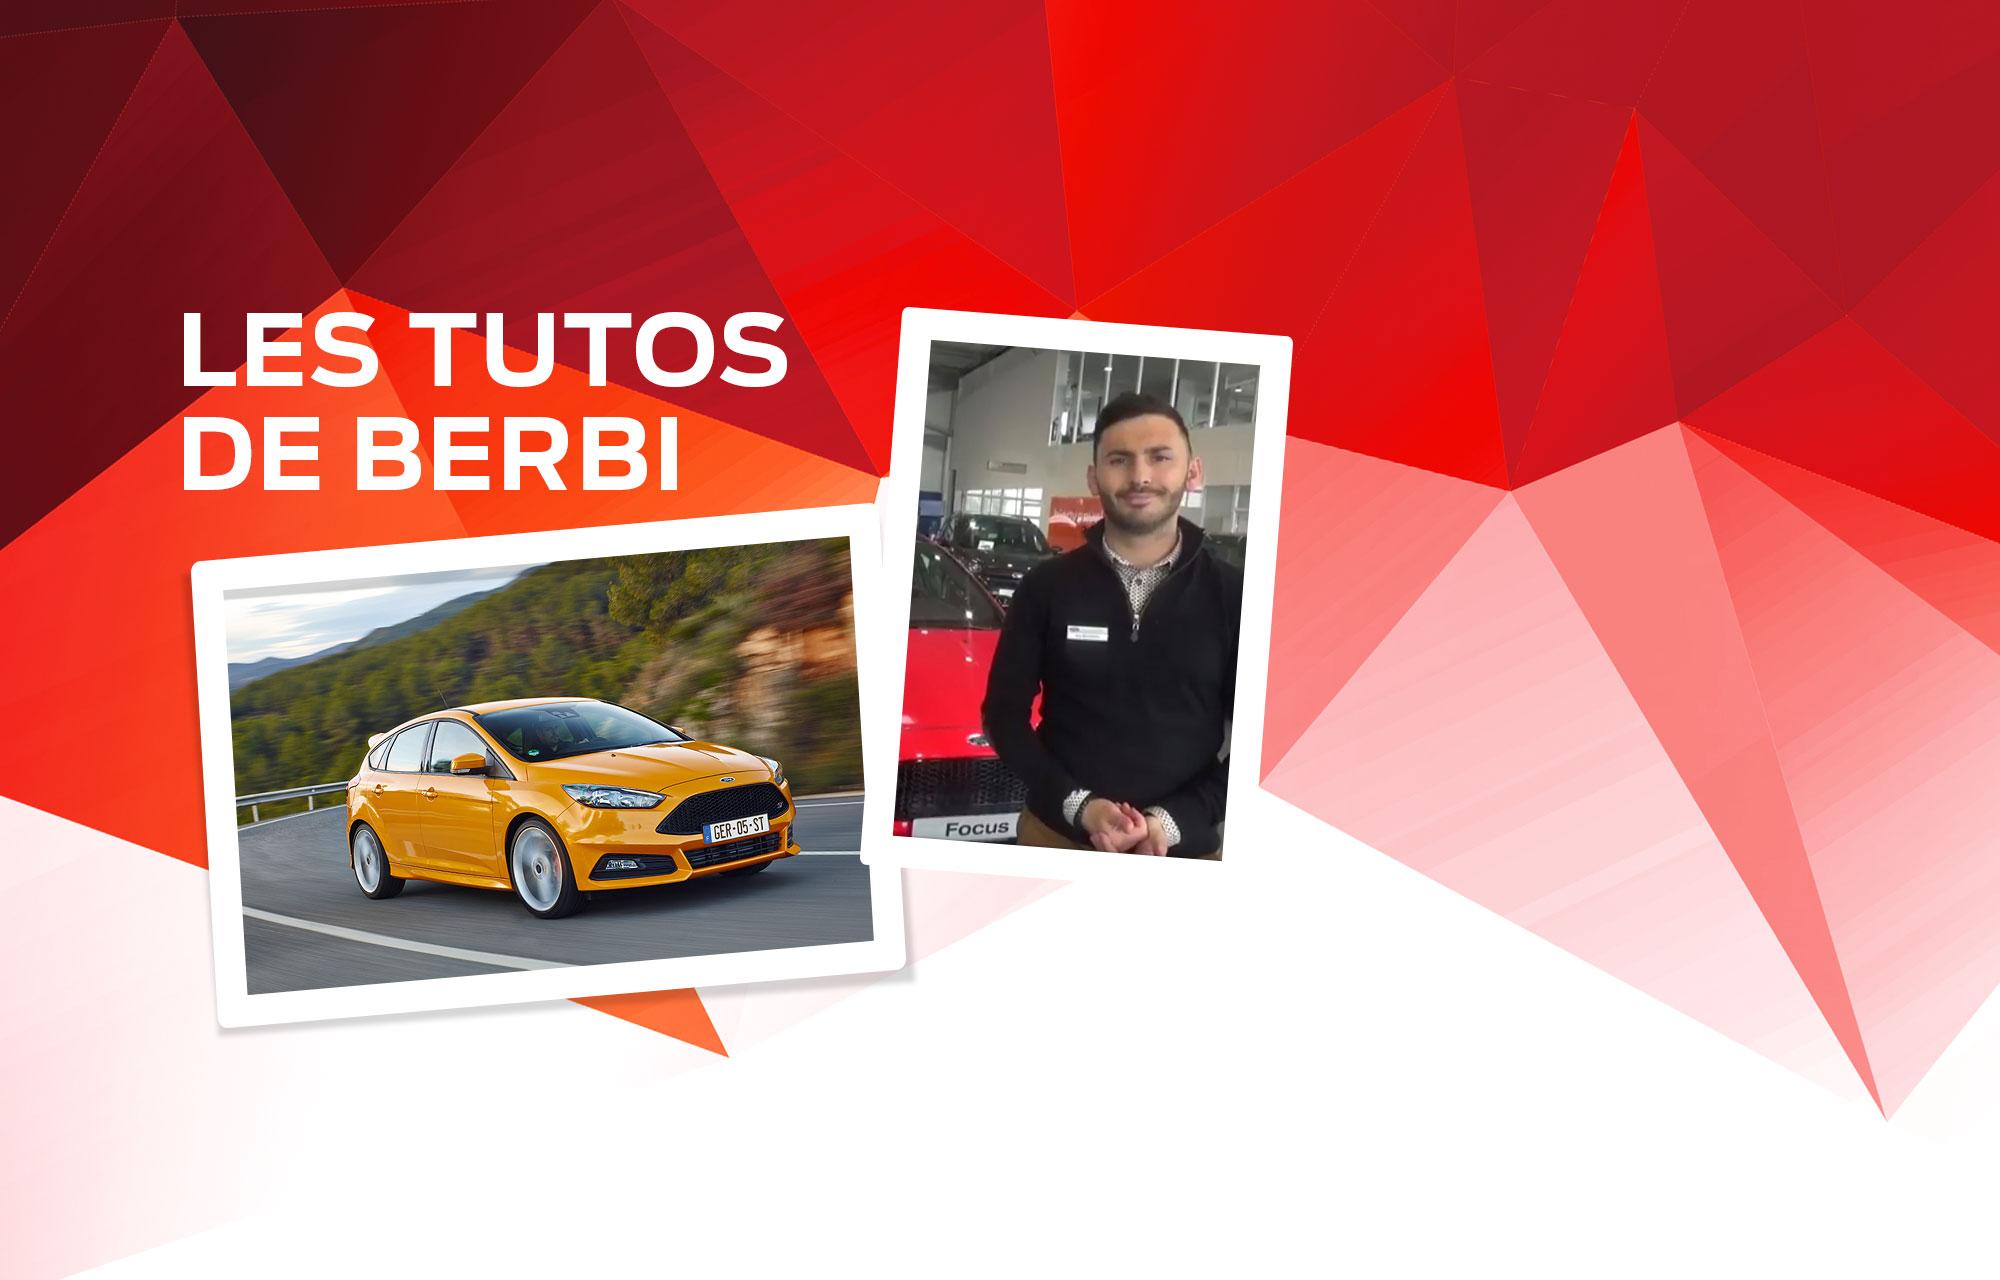 Les tutos de Berbi : Focus ST